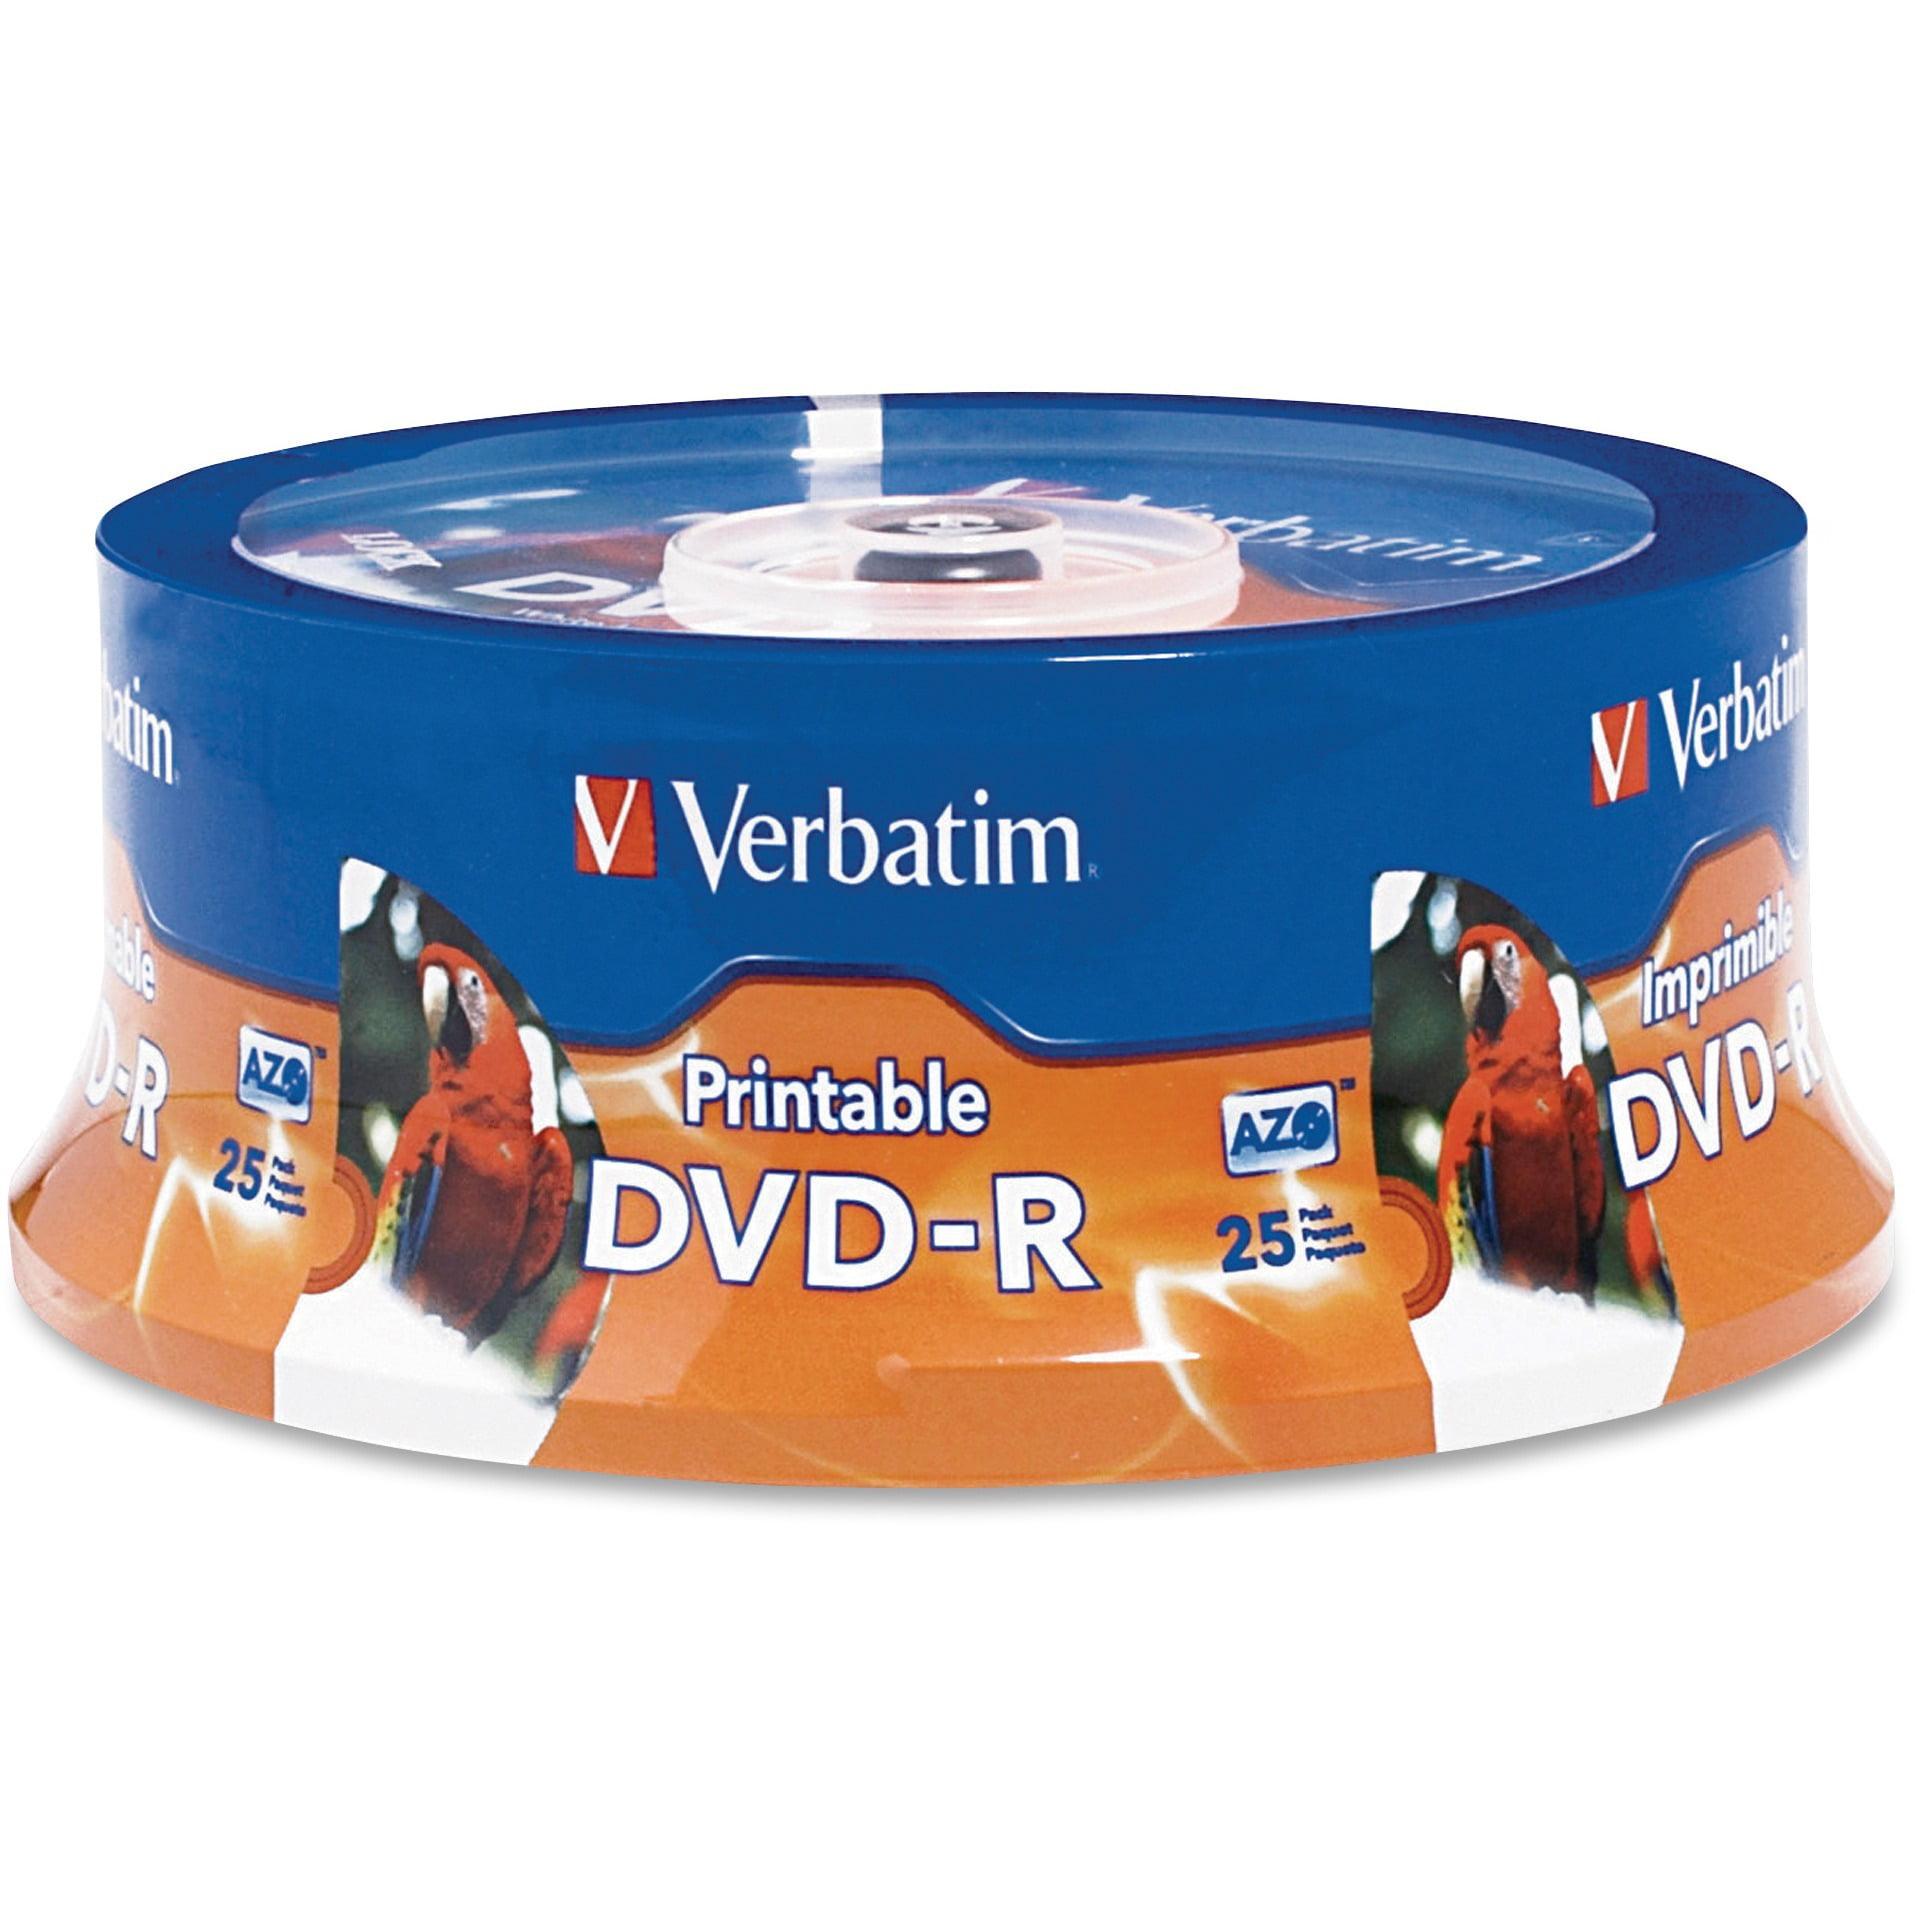 Verbatim, VER96191, 16X Inkjet/Hub Printable DVD-R, 25, White